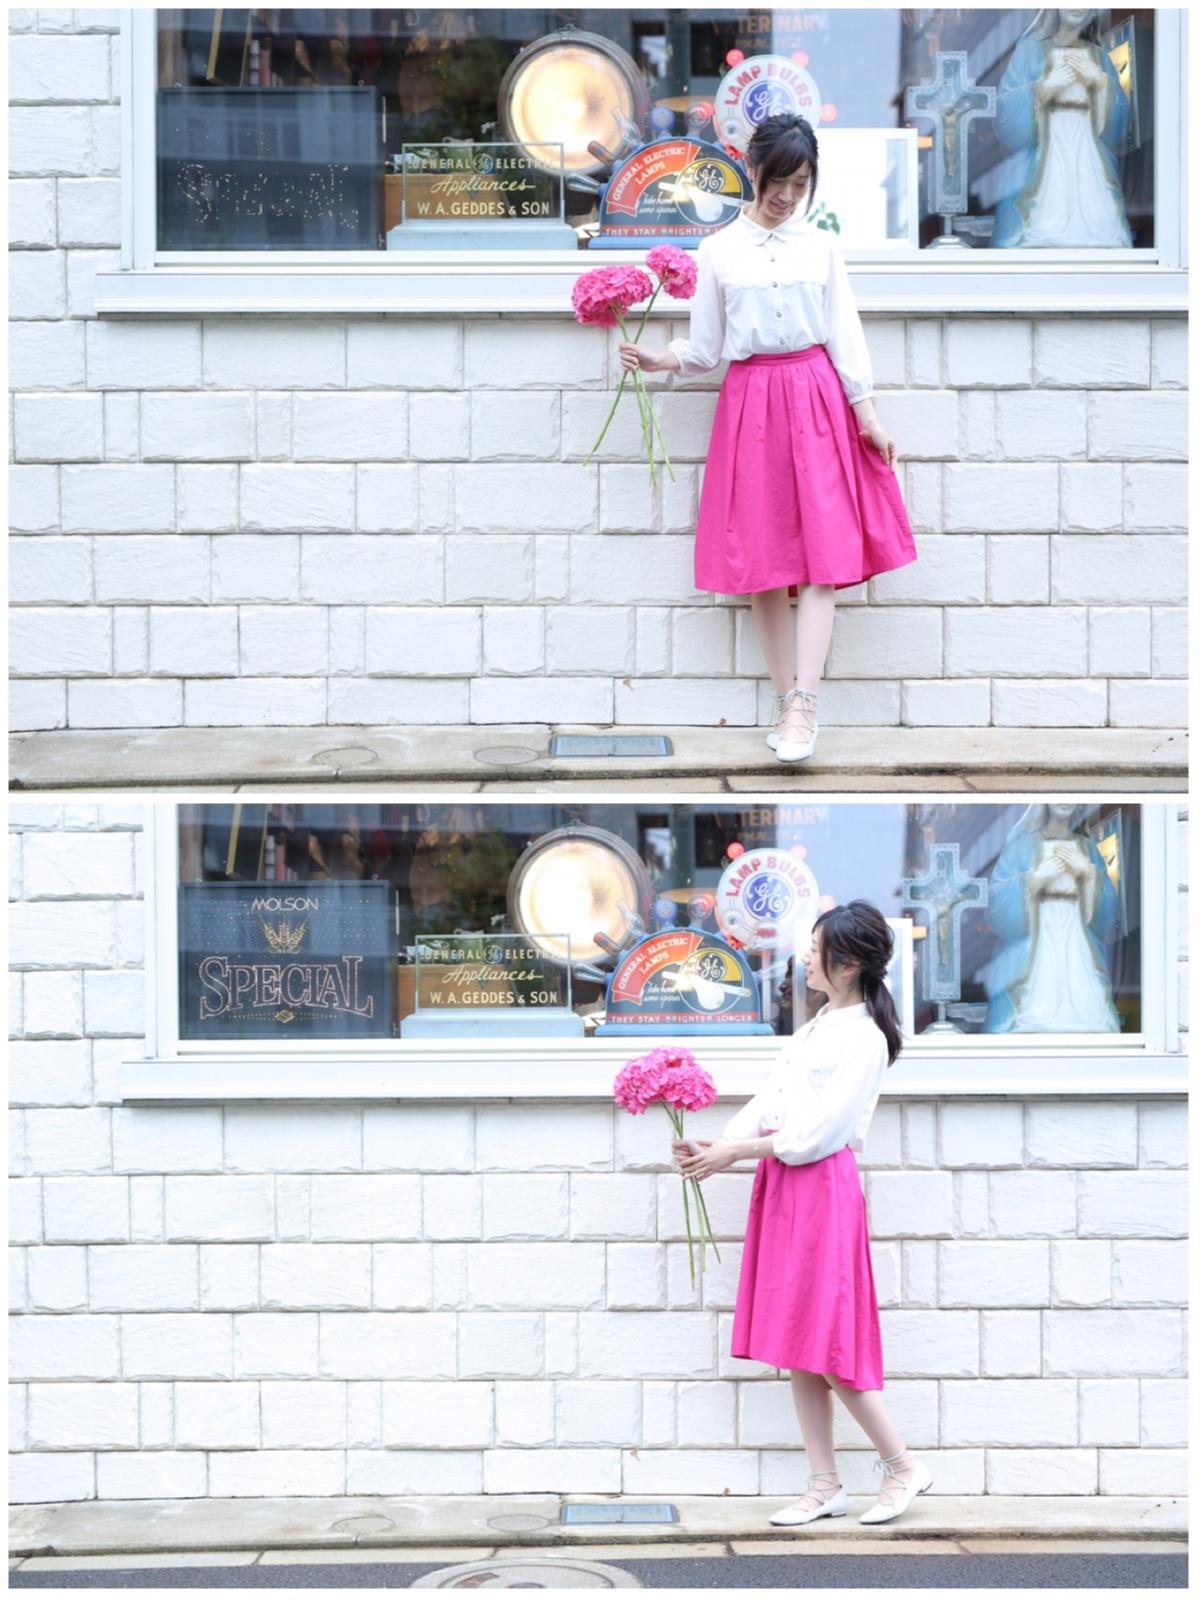 【今日のコーデ】晴れた日のお散歩コーデは色鮮やかなスカート≪NATURAL BEAUTY BASIC≫を♡_3